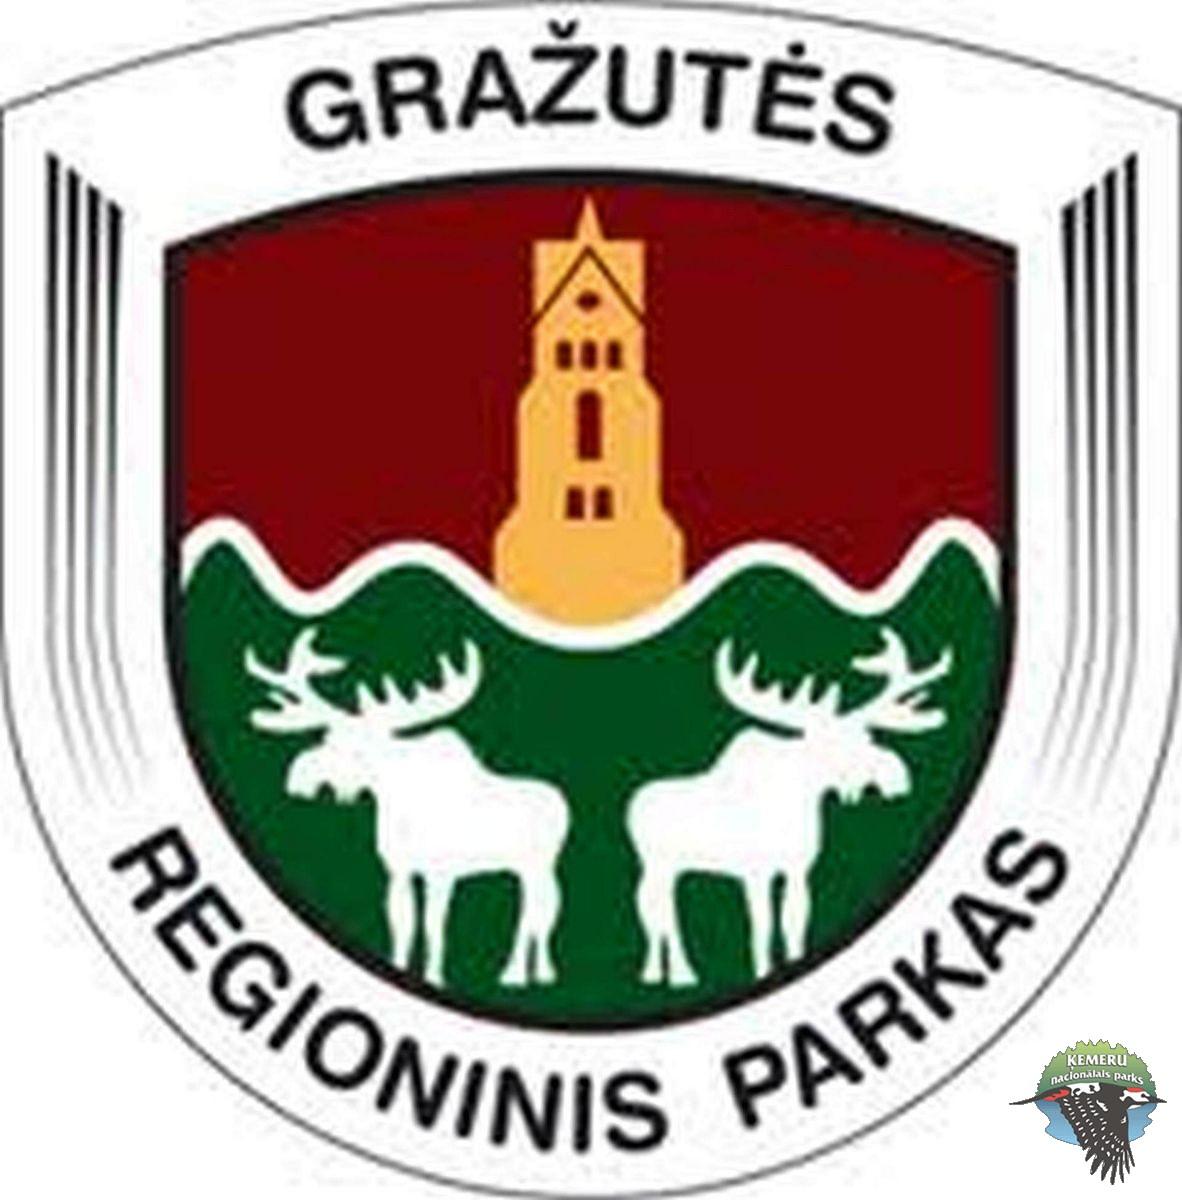 Gražutes reģionālā parka (Lietuva) logo